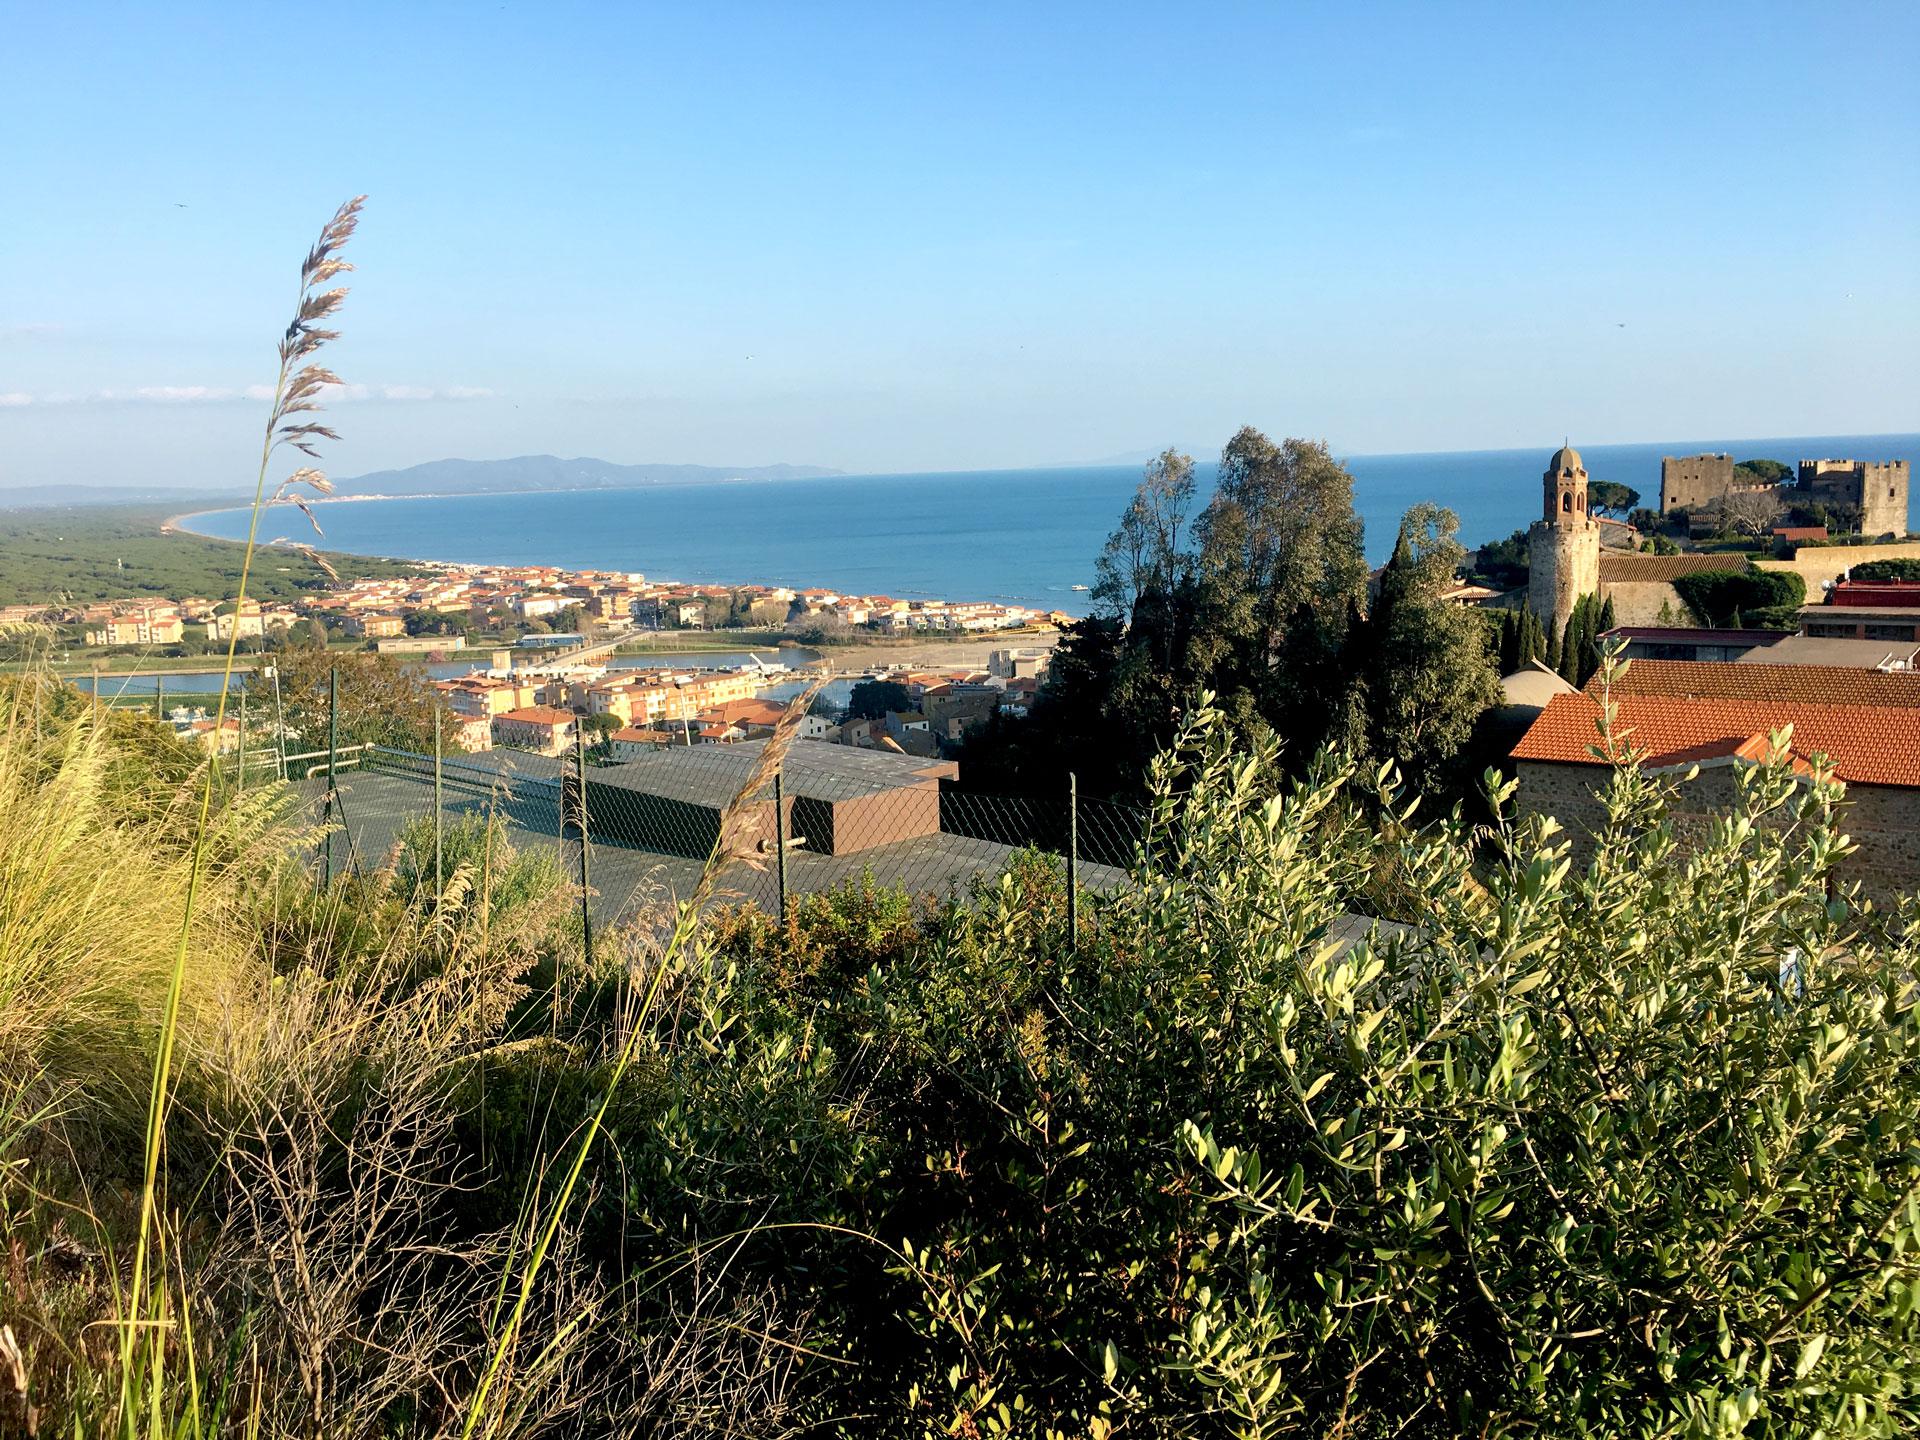 Agriturismo a Castiglione della Pescaia con piscina vicino al Mare vista Promontorio Castiglione della Pescaia